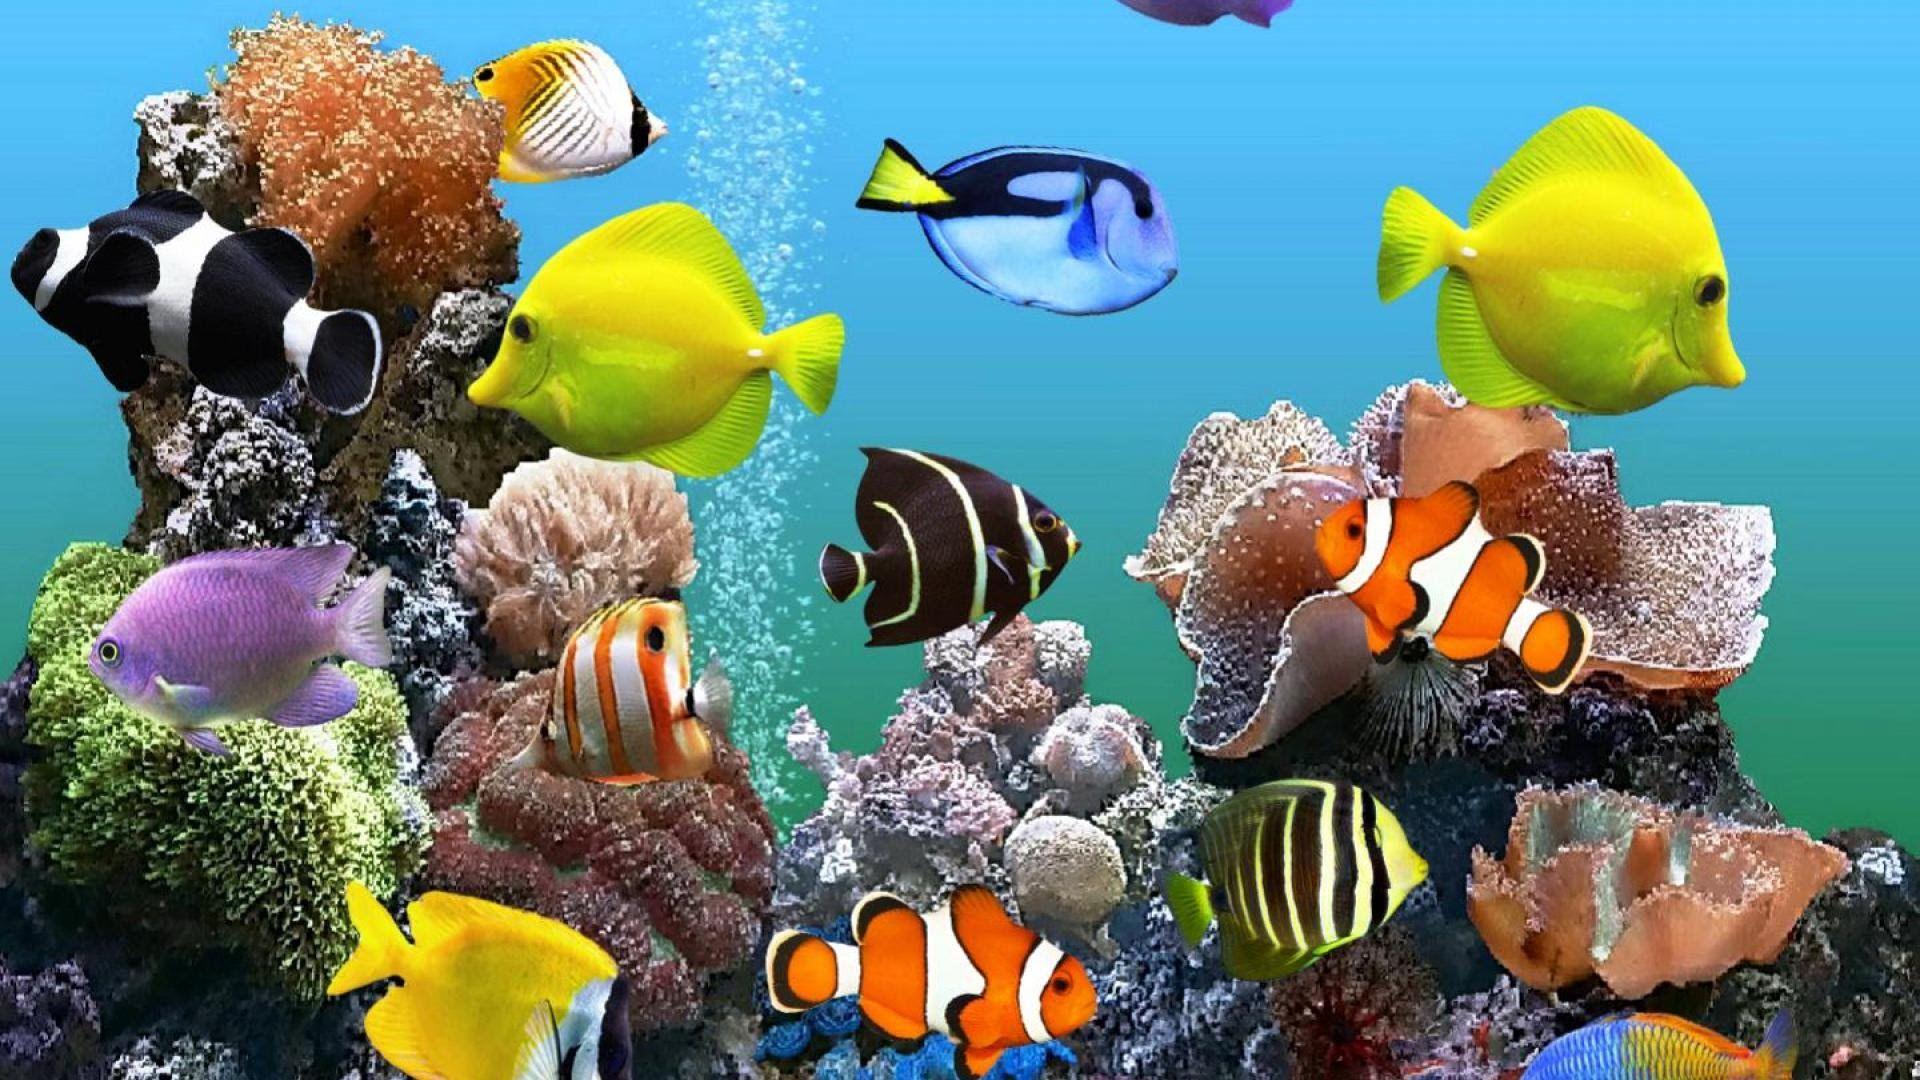 HD Aquarium Wallpapers   Top HD Aquarium Backgrounds 1920x1080